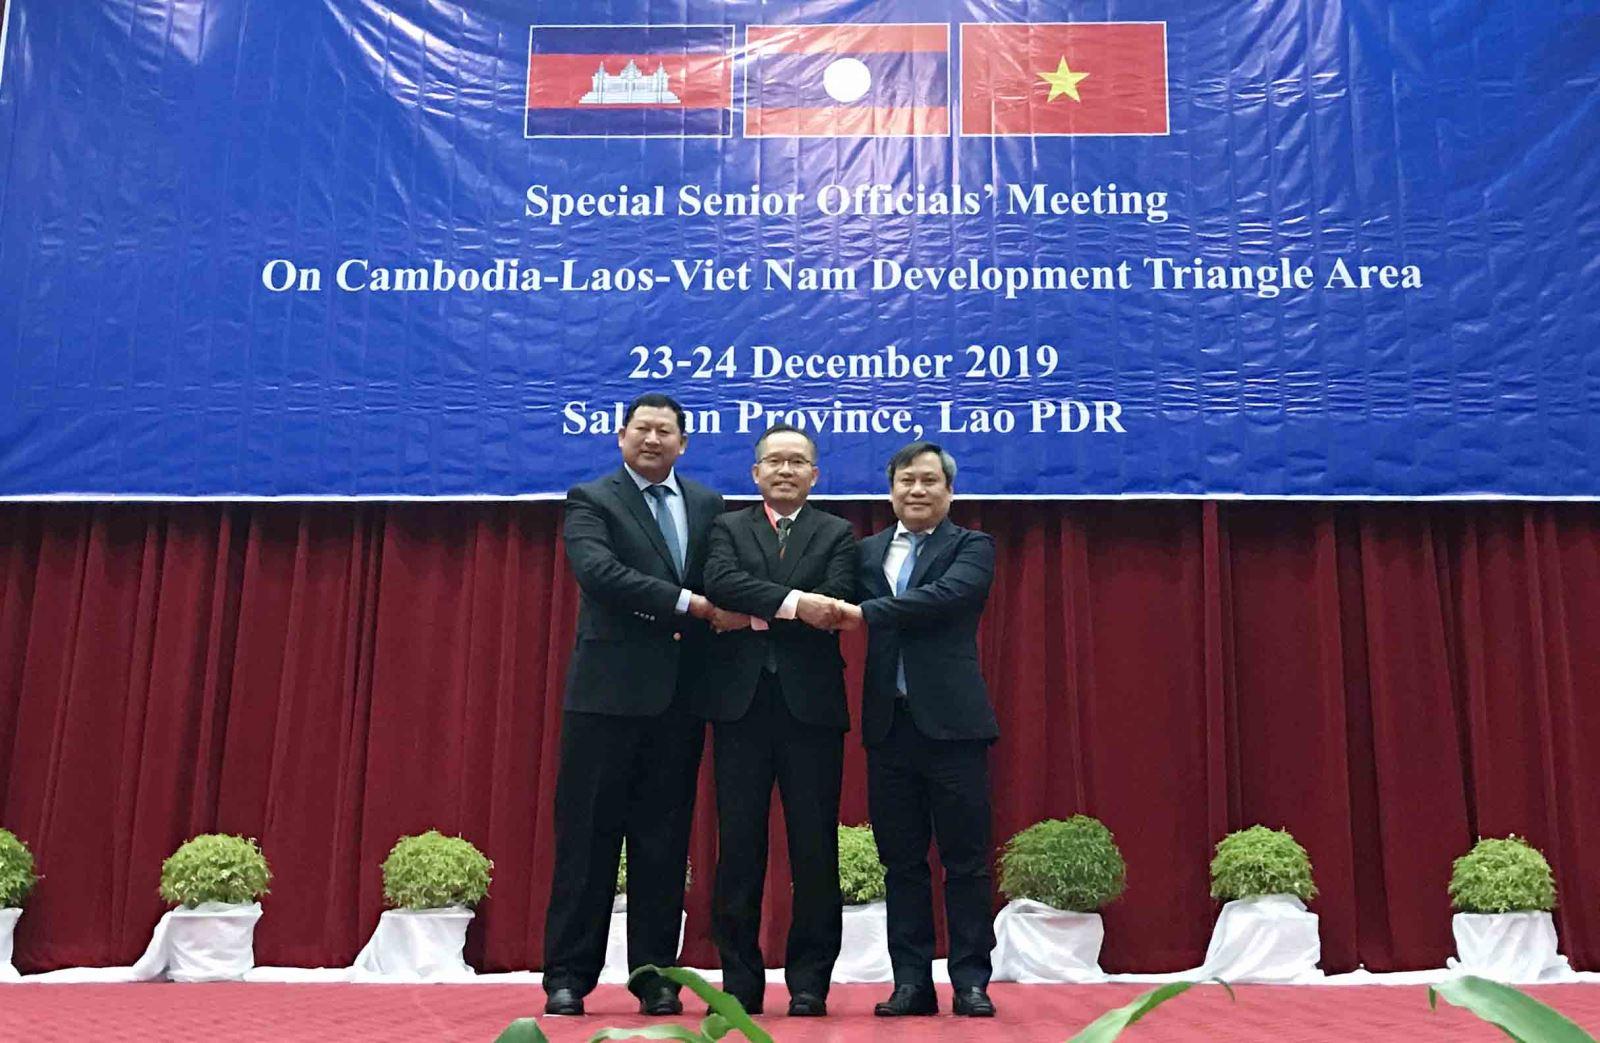 http://fileportalcms.mpi.gov.vn/Tinbai/NoiDung/2019/12/24/44925/1.jpg